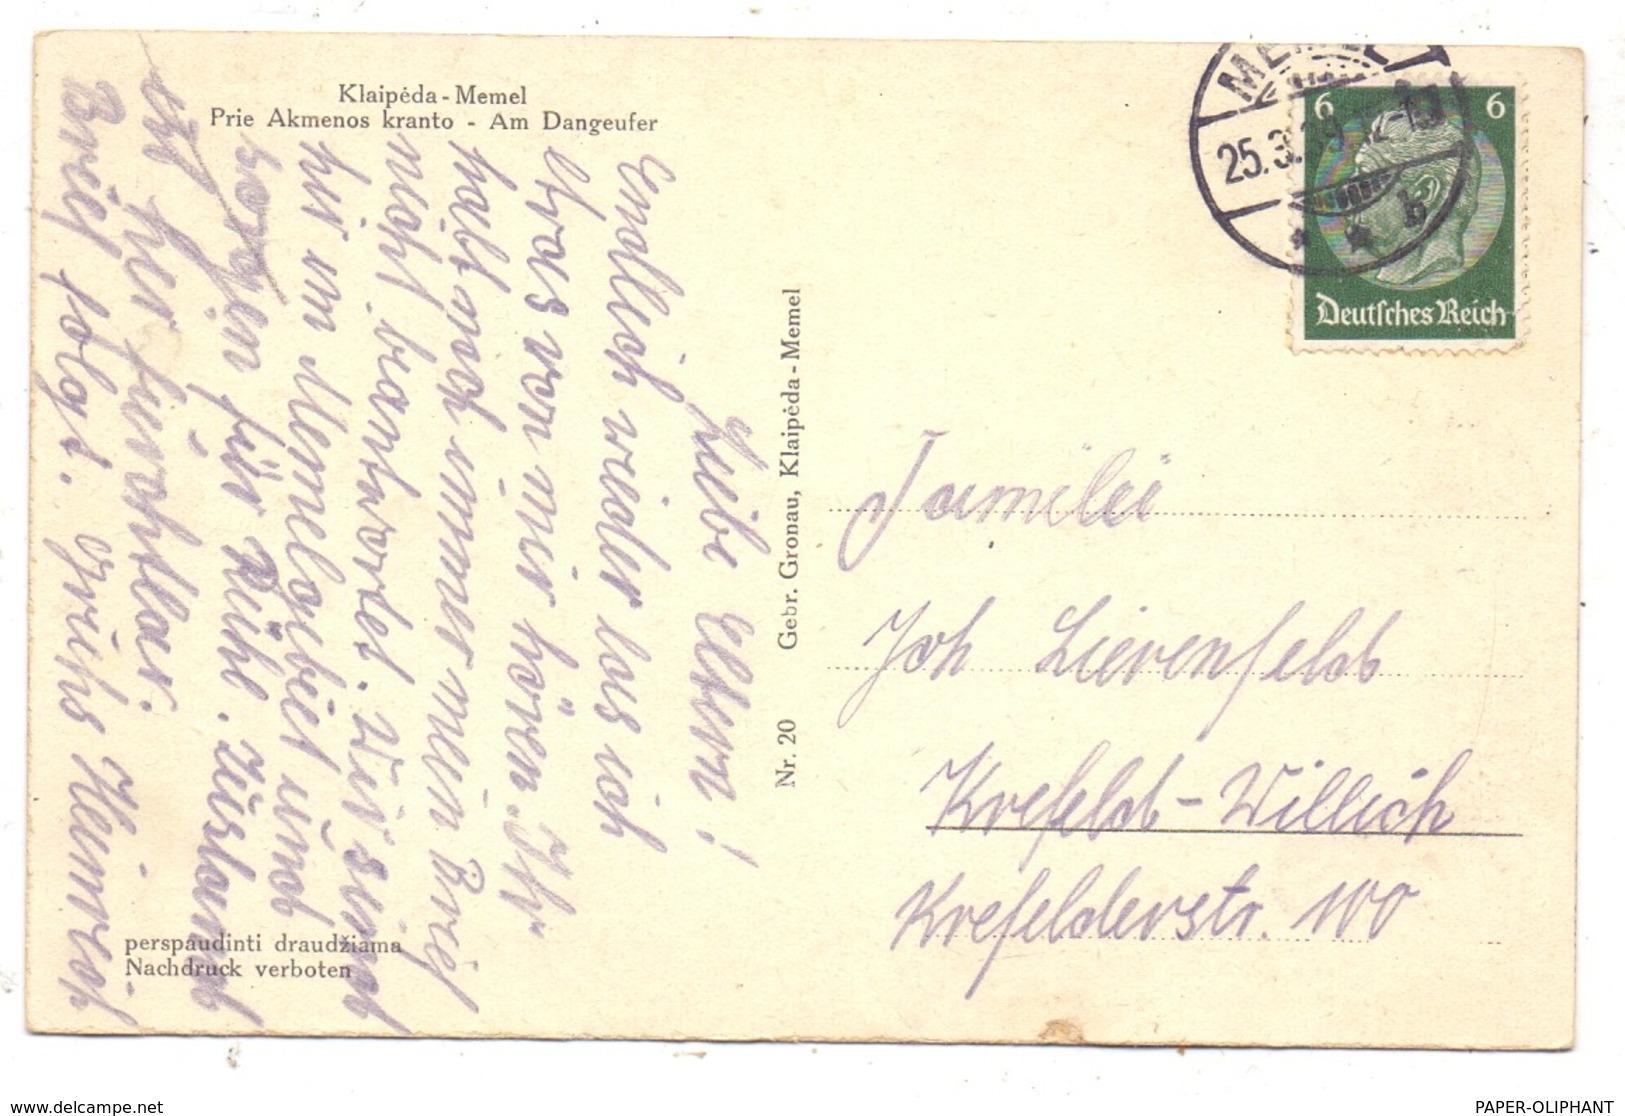 LITAUEN / LIETUVA - MEMEL / KLAIPEDA, Am Dangeufer, Schlepper, Gleisanlagen, 1939 - Litauen